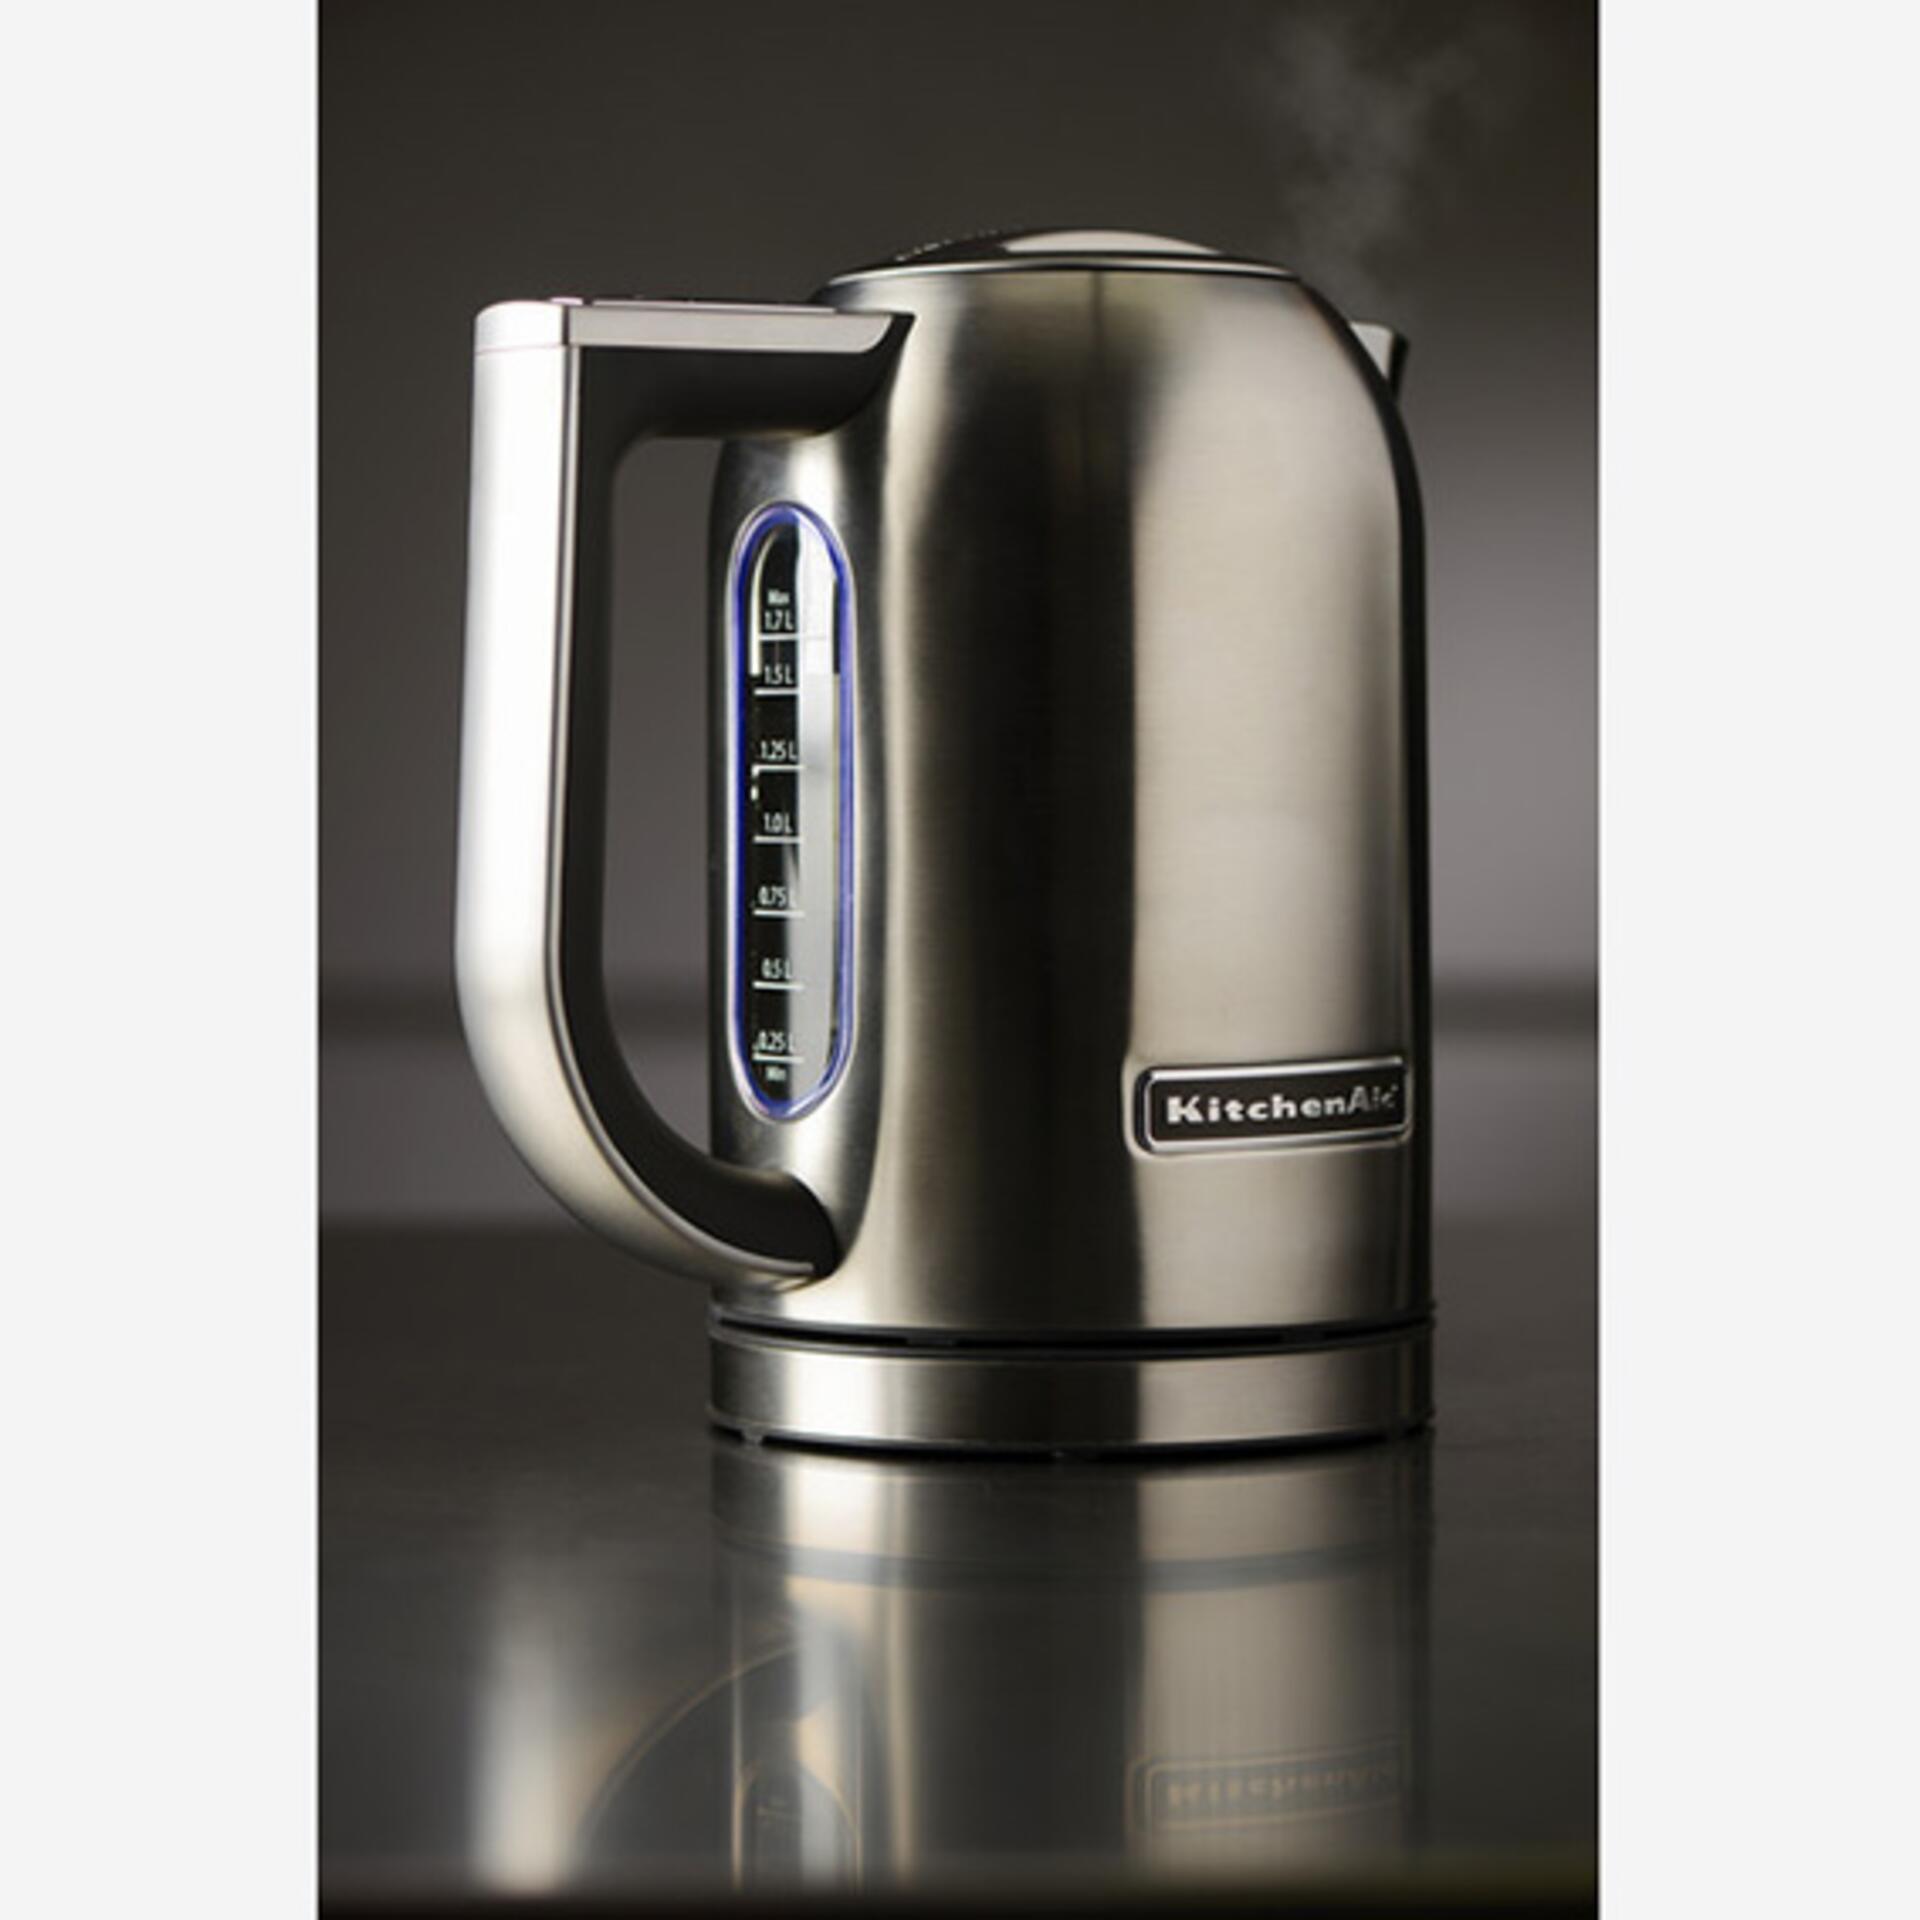 KitchenAid Wasserkocher 5KEK1722EER